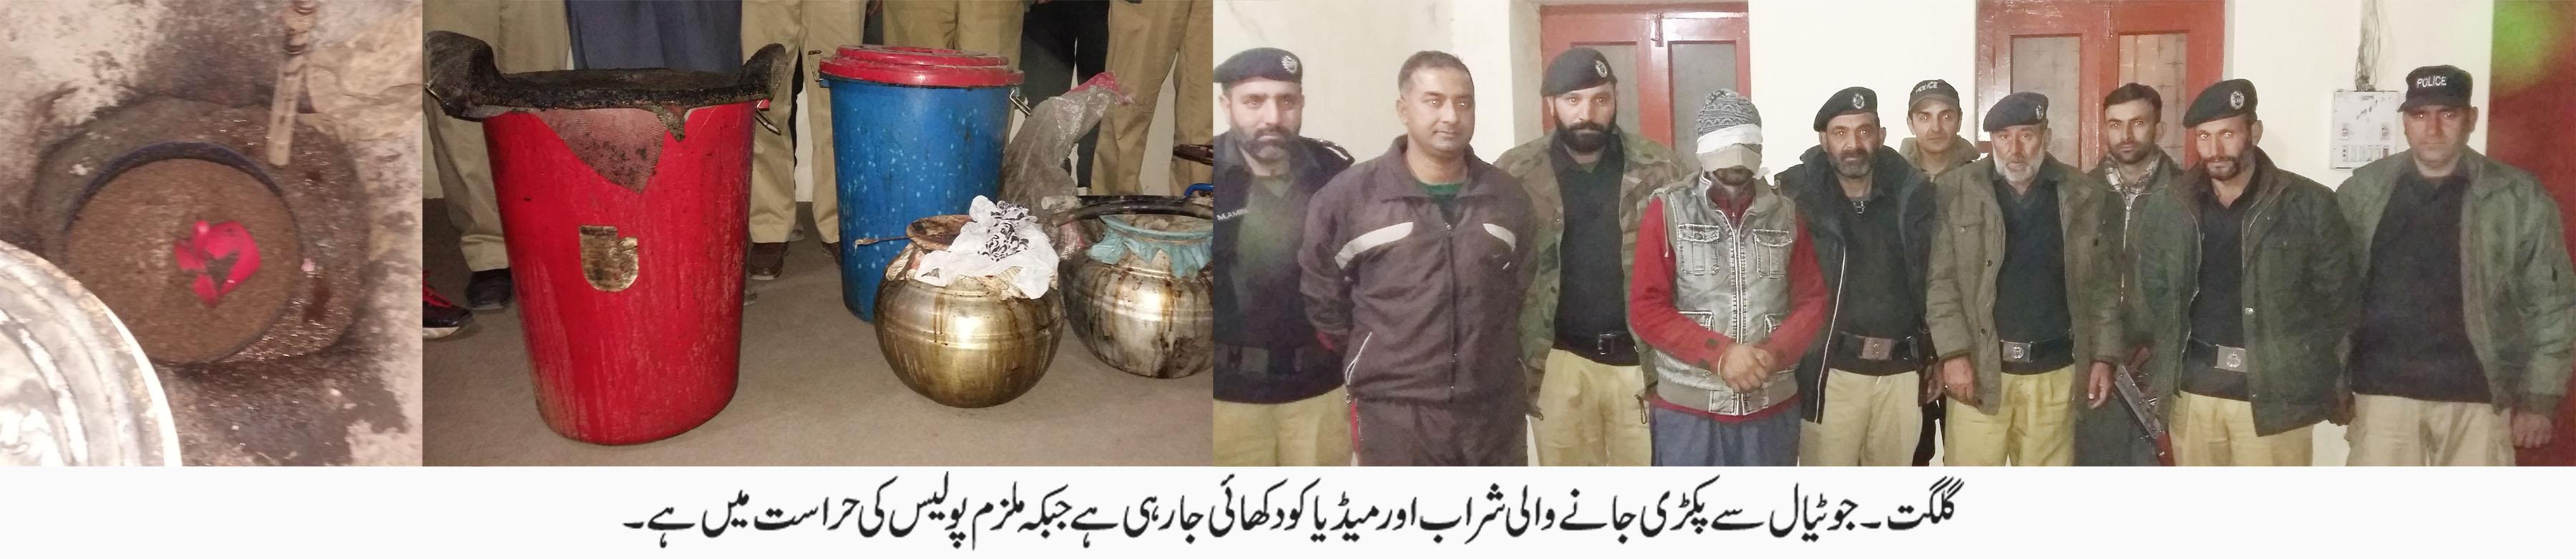 گلگت: 500لیٹر سے زائد شراب برآمد،ملزم گرفتار